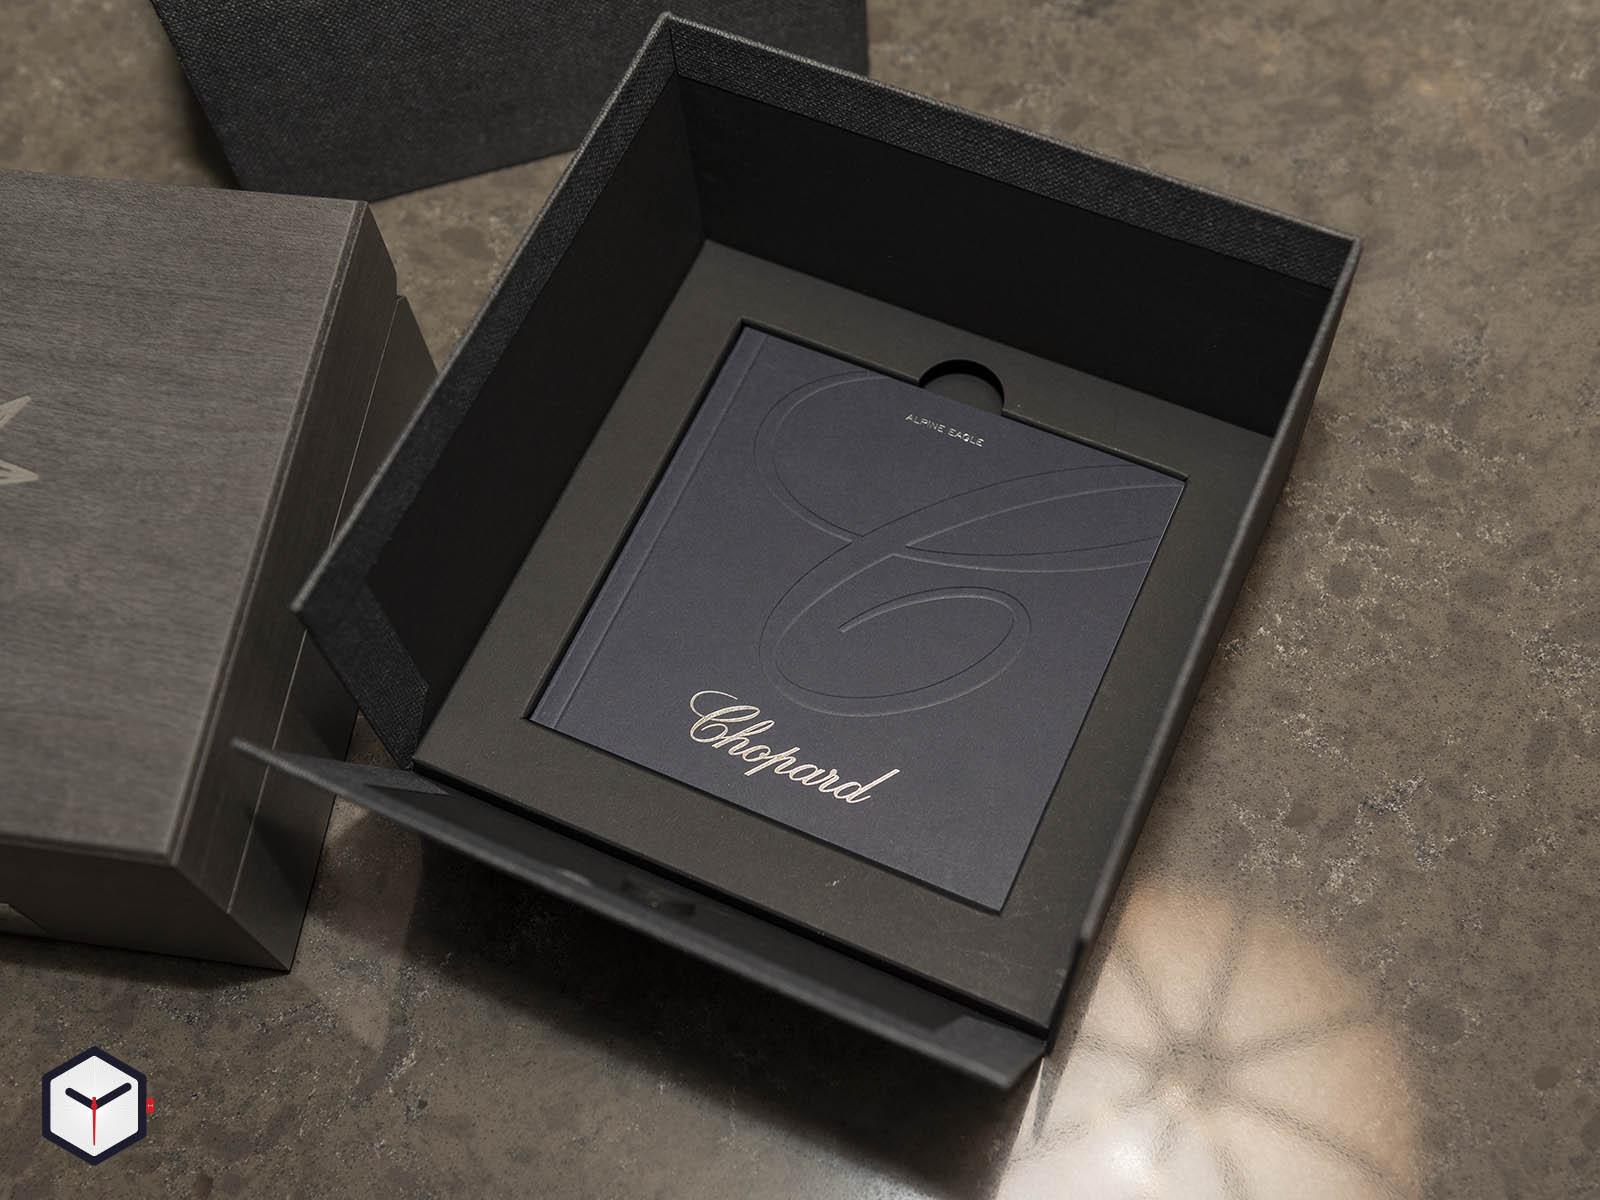 chopard-alpine-eagle-horobox-limited-edition-29.jpg